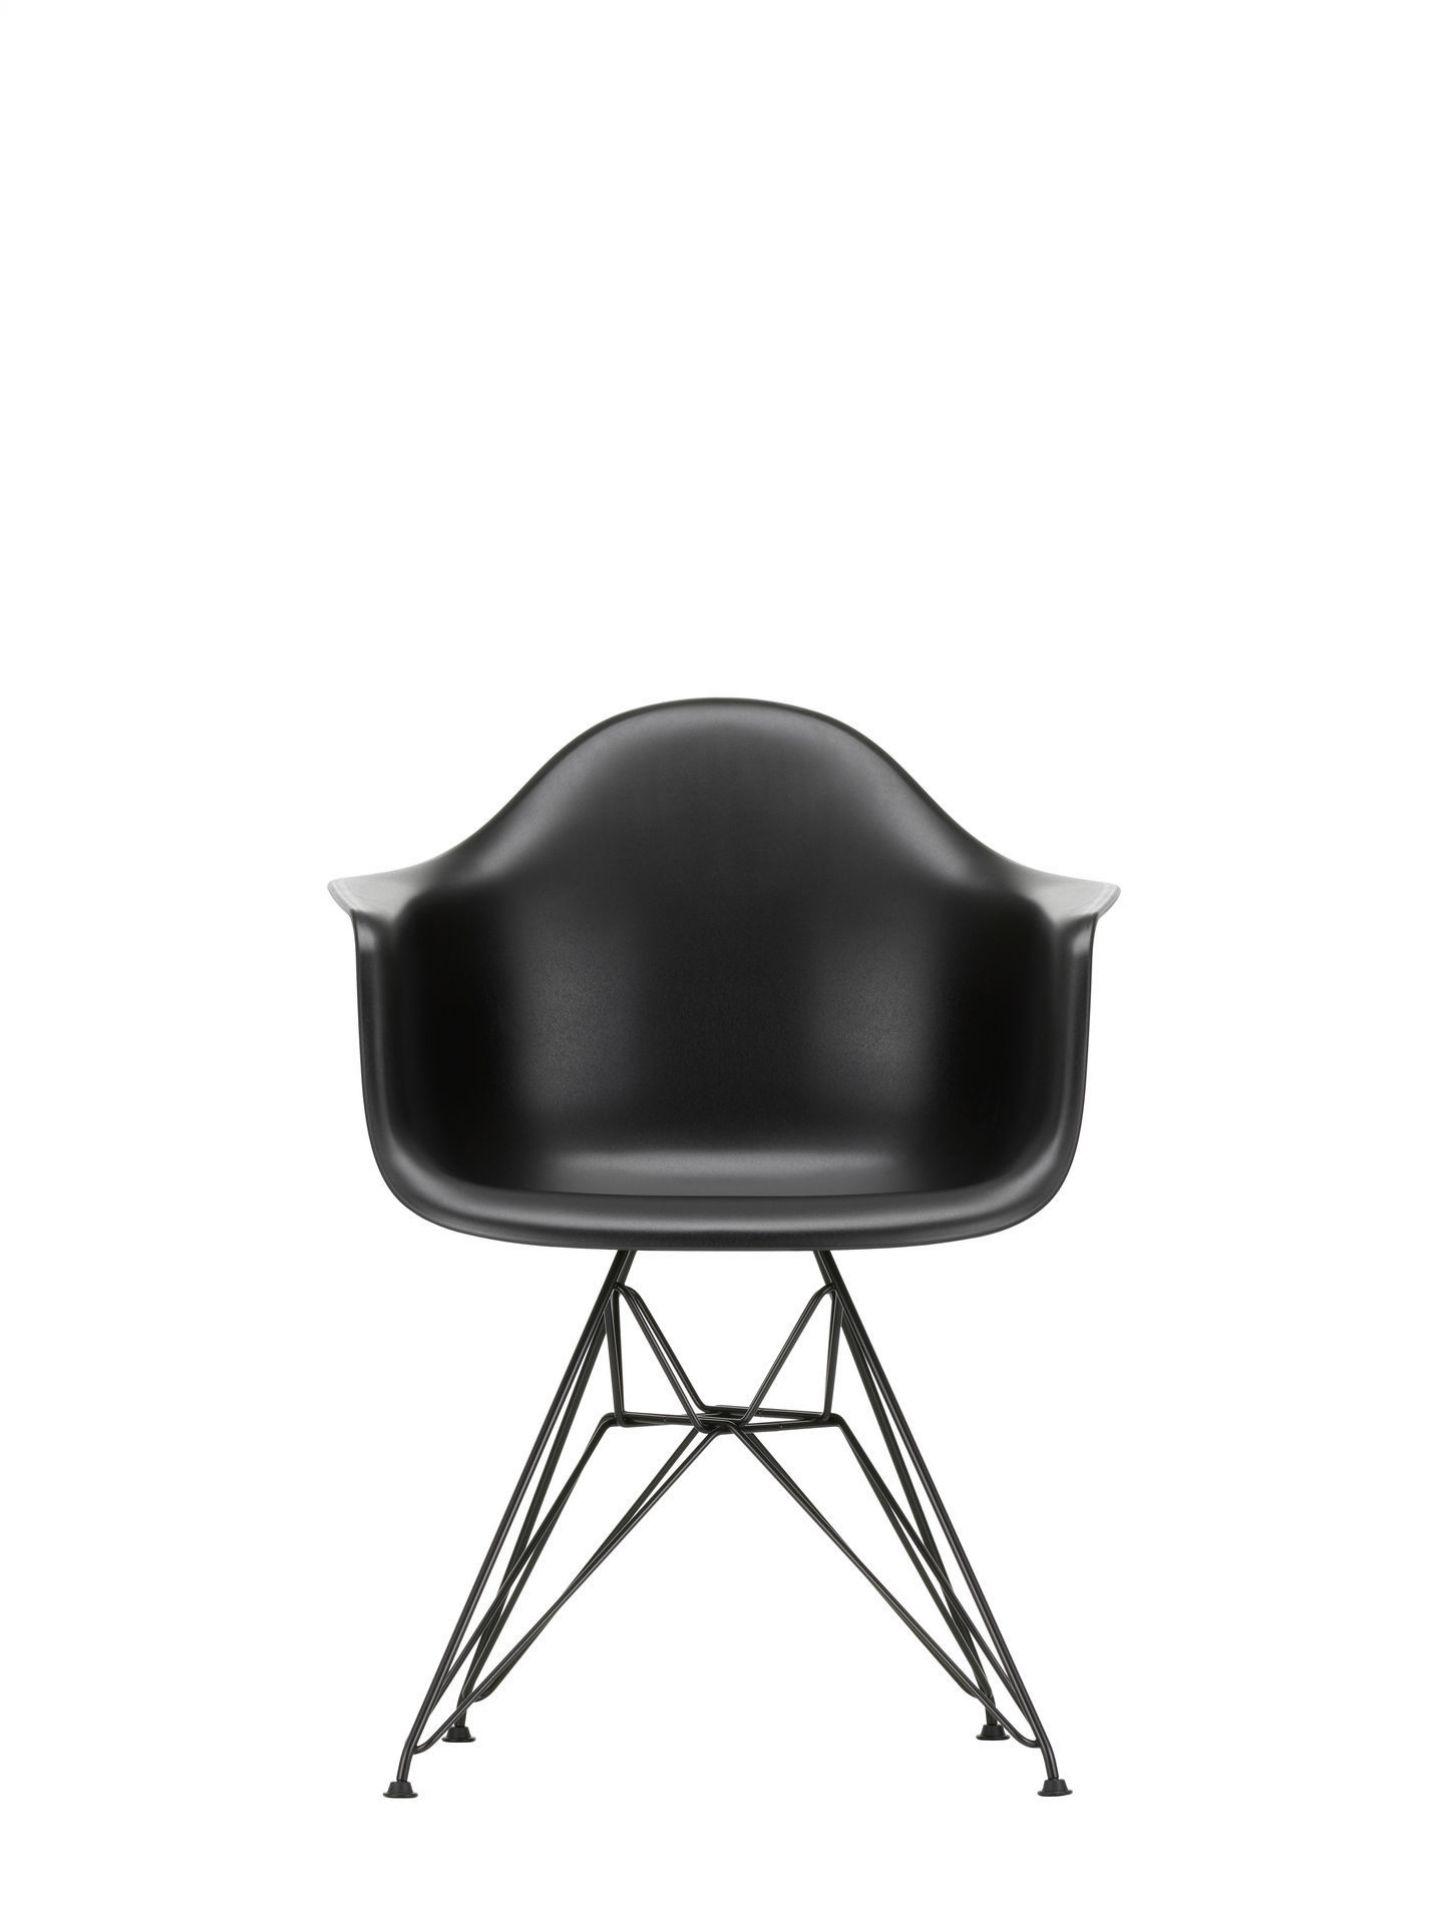 Eames Plastic Arm Chair DAR Stuhl Vitra Verchromt - Sunlight